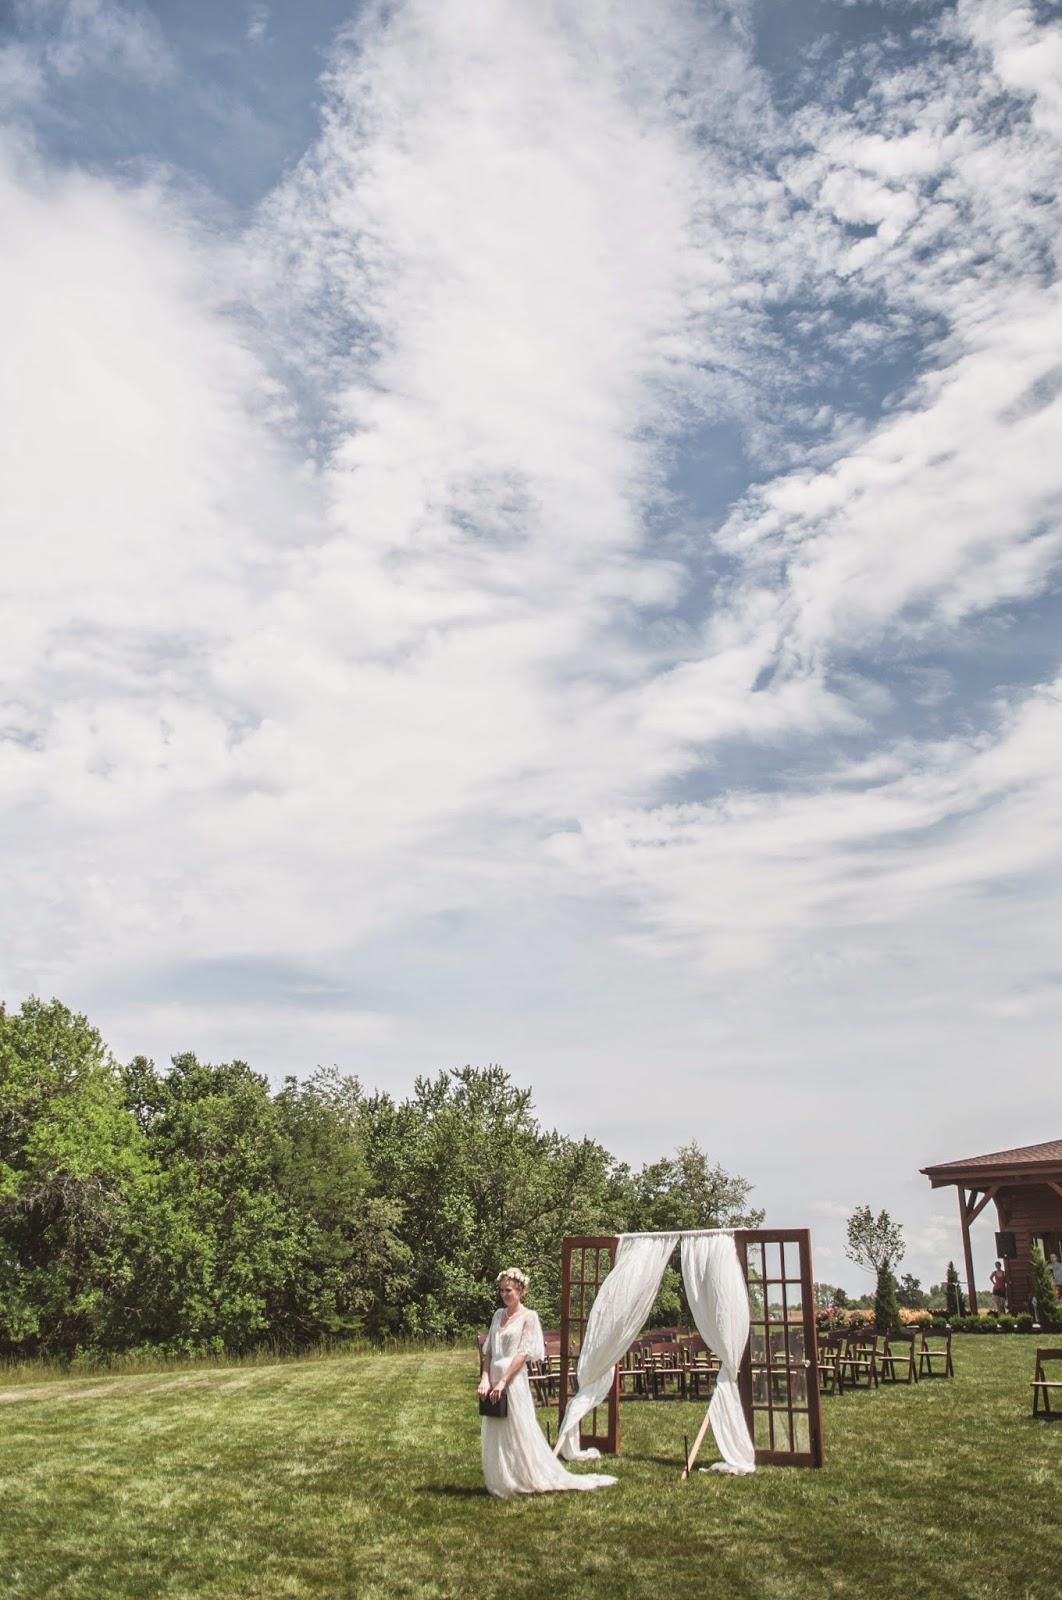 Vintage outdoor wedding bride